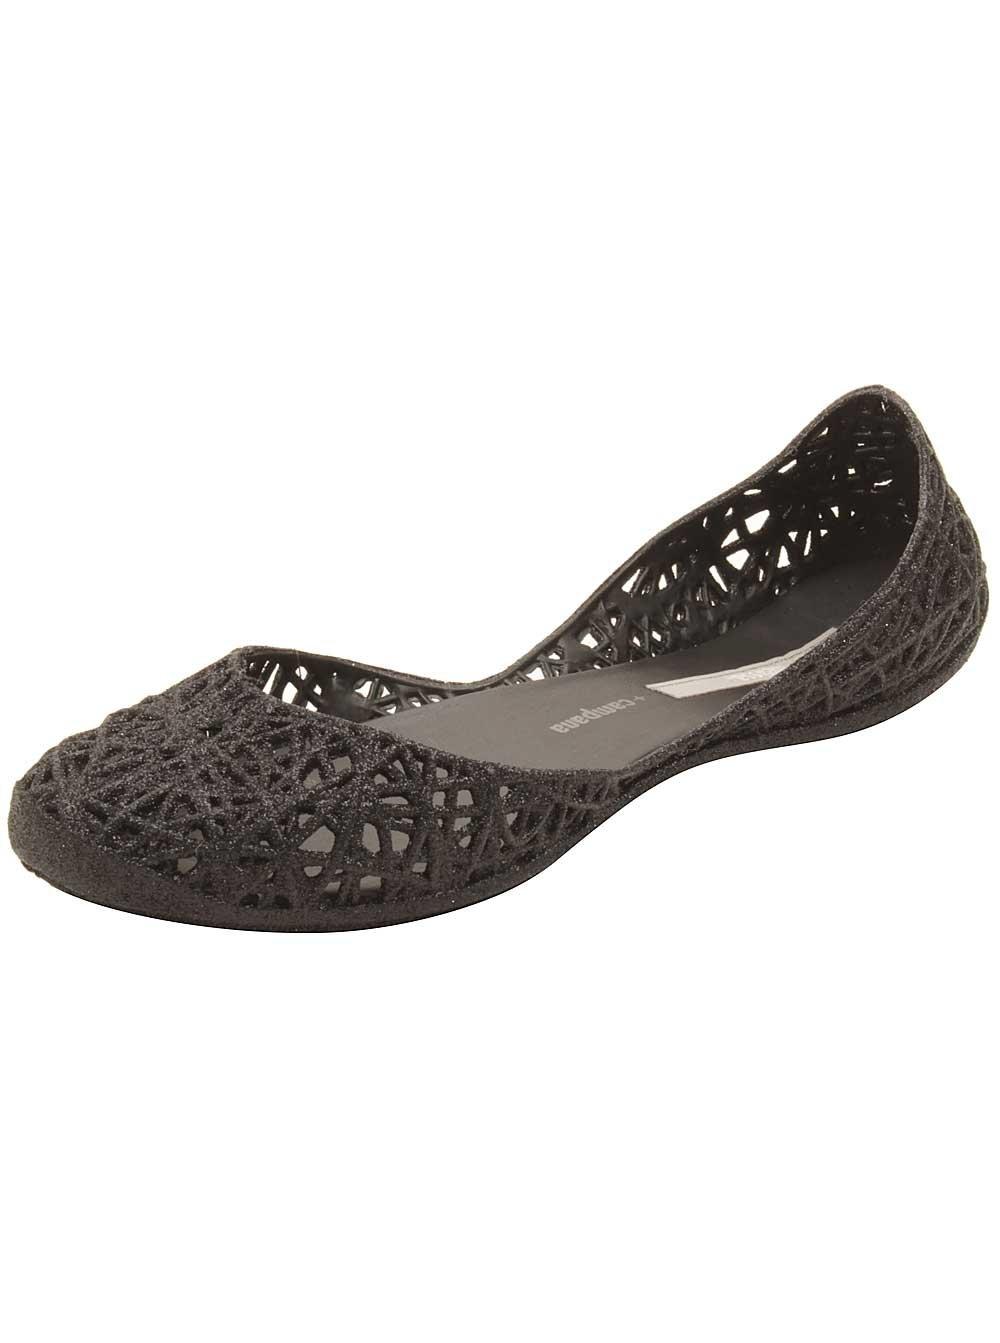 Melissa Women's Campana Zigzag Flat B01MTO4APE 10 B(M) US|Black Glitter